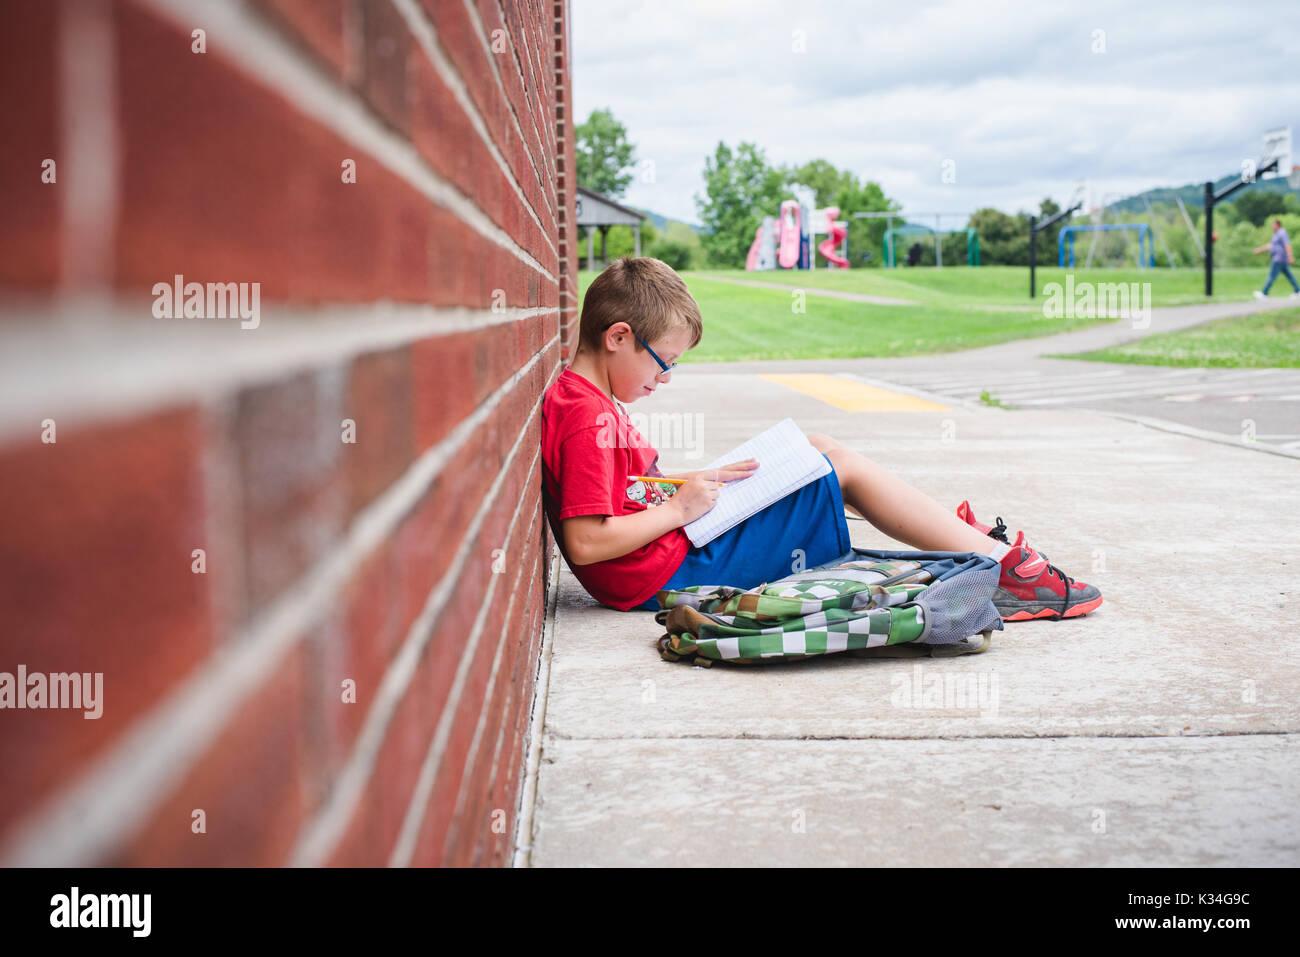 Un ragazzo studi un libro mentre appoggiata contro un muro di mattoni di una scuola Immagini Stock